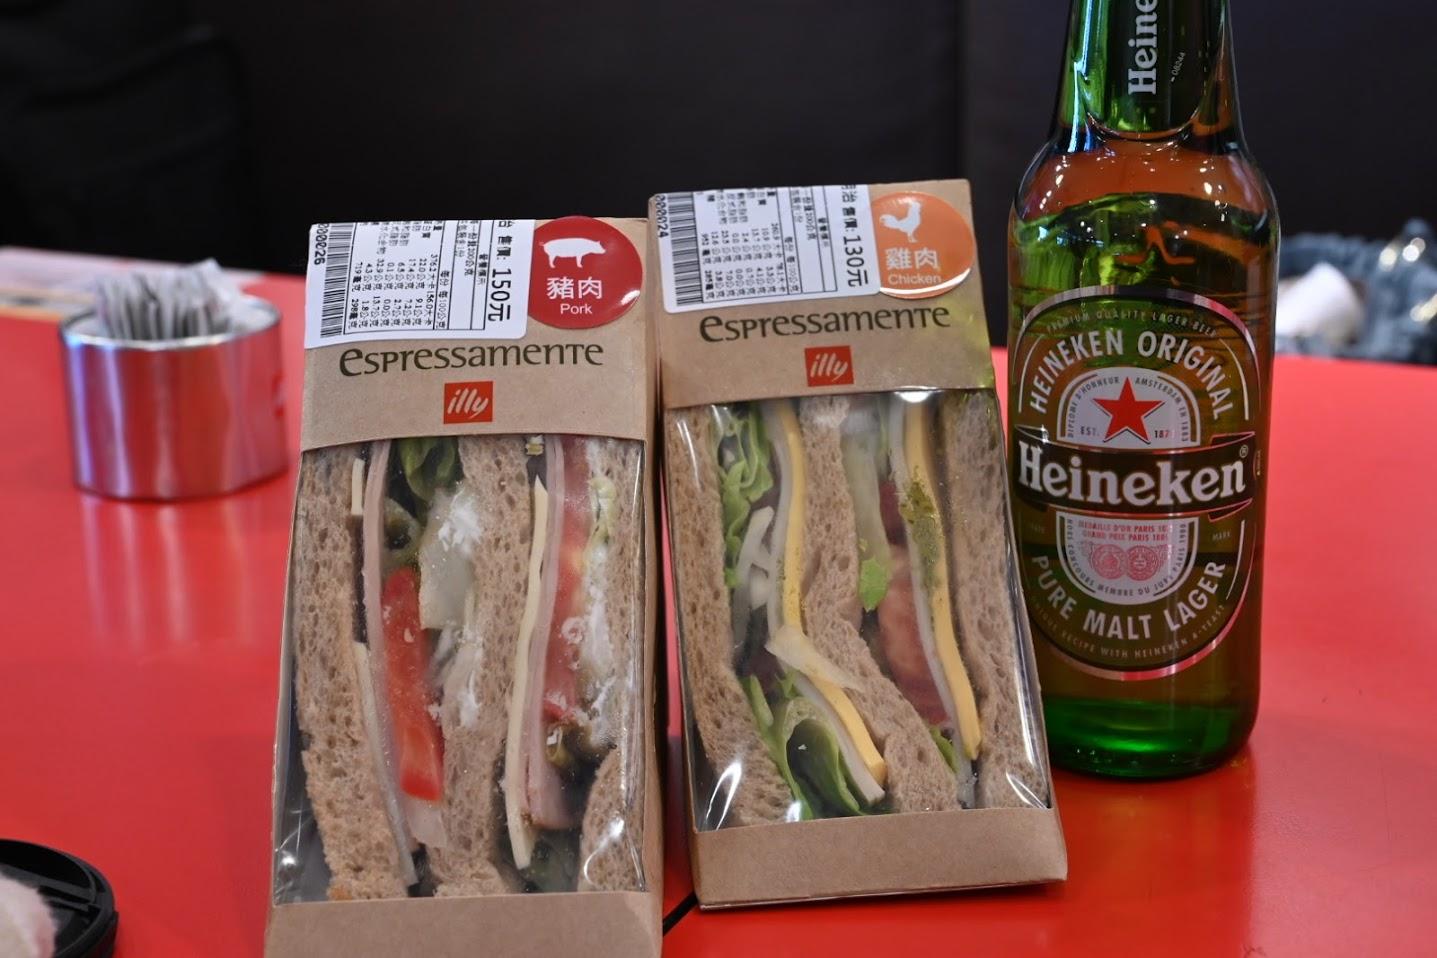 サンドイッチとハイネケン